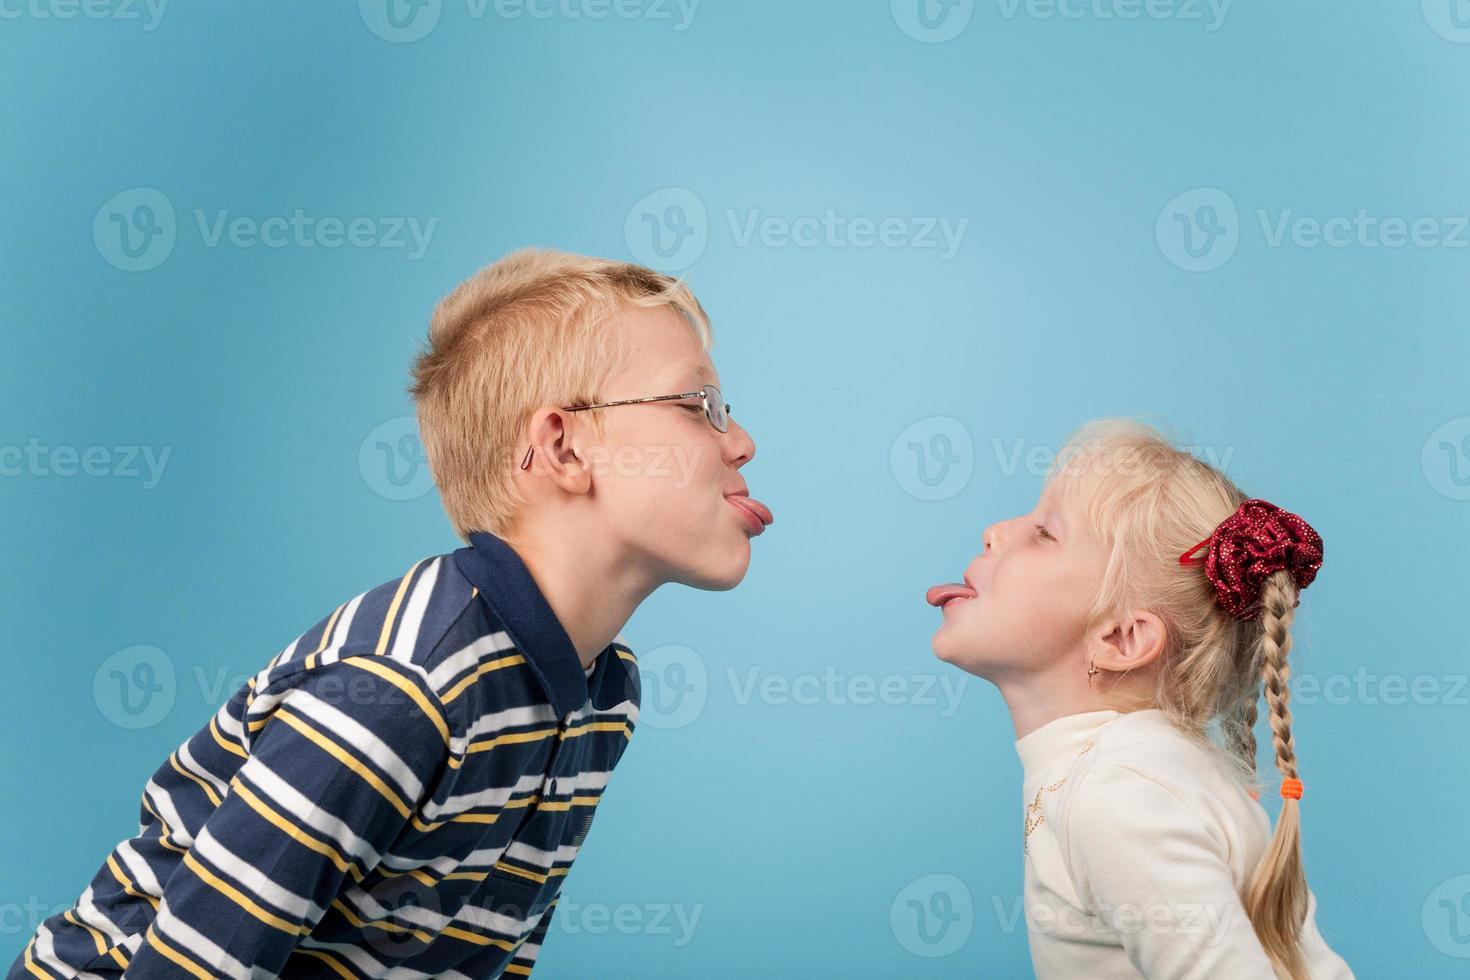 tonårspojke och flicka sticker ut tungor till varandra foto